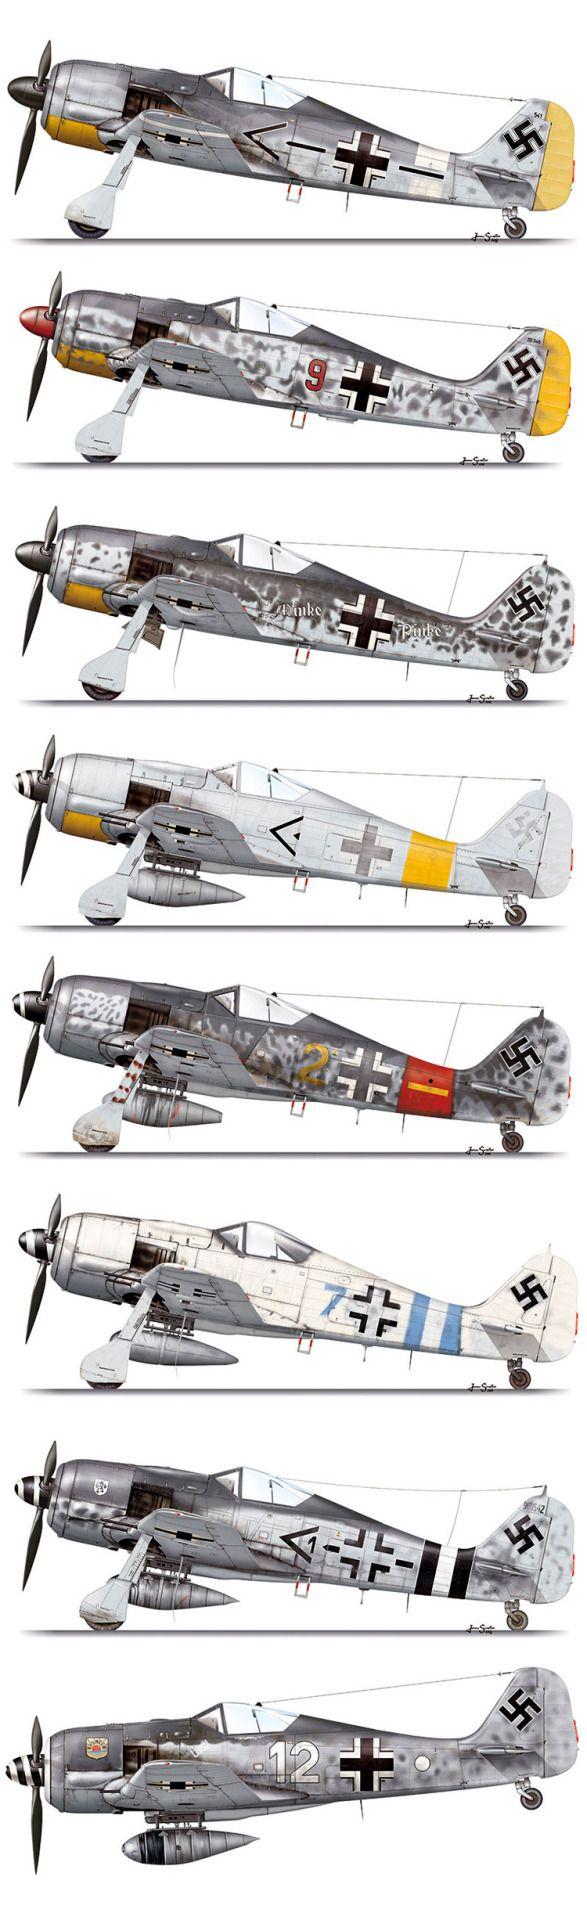 Focke Wulf Fw 190                                                                                                                                                                                 More